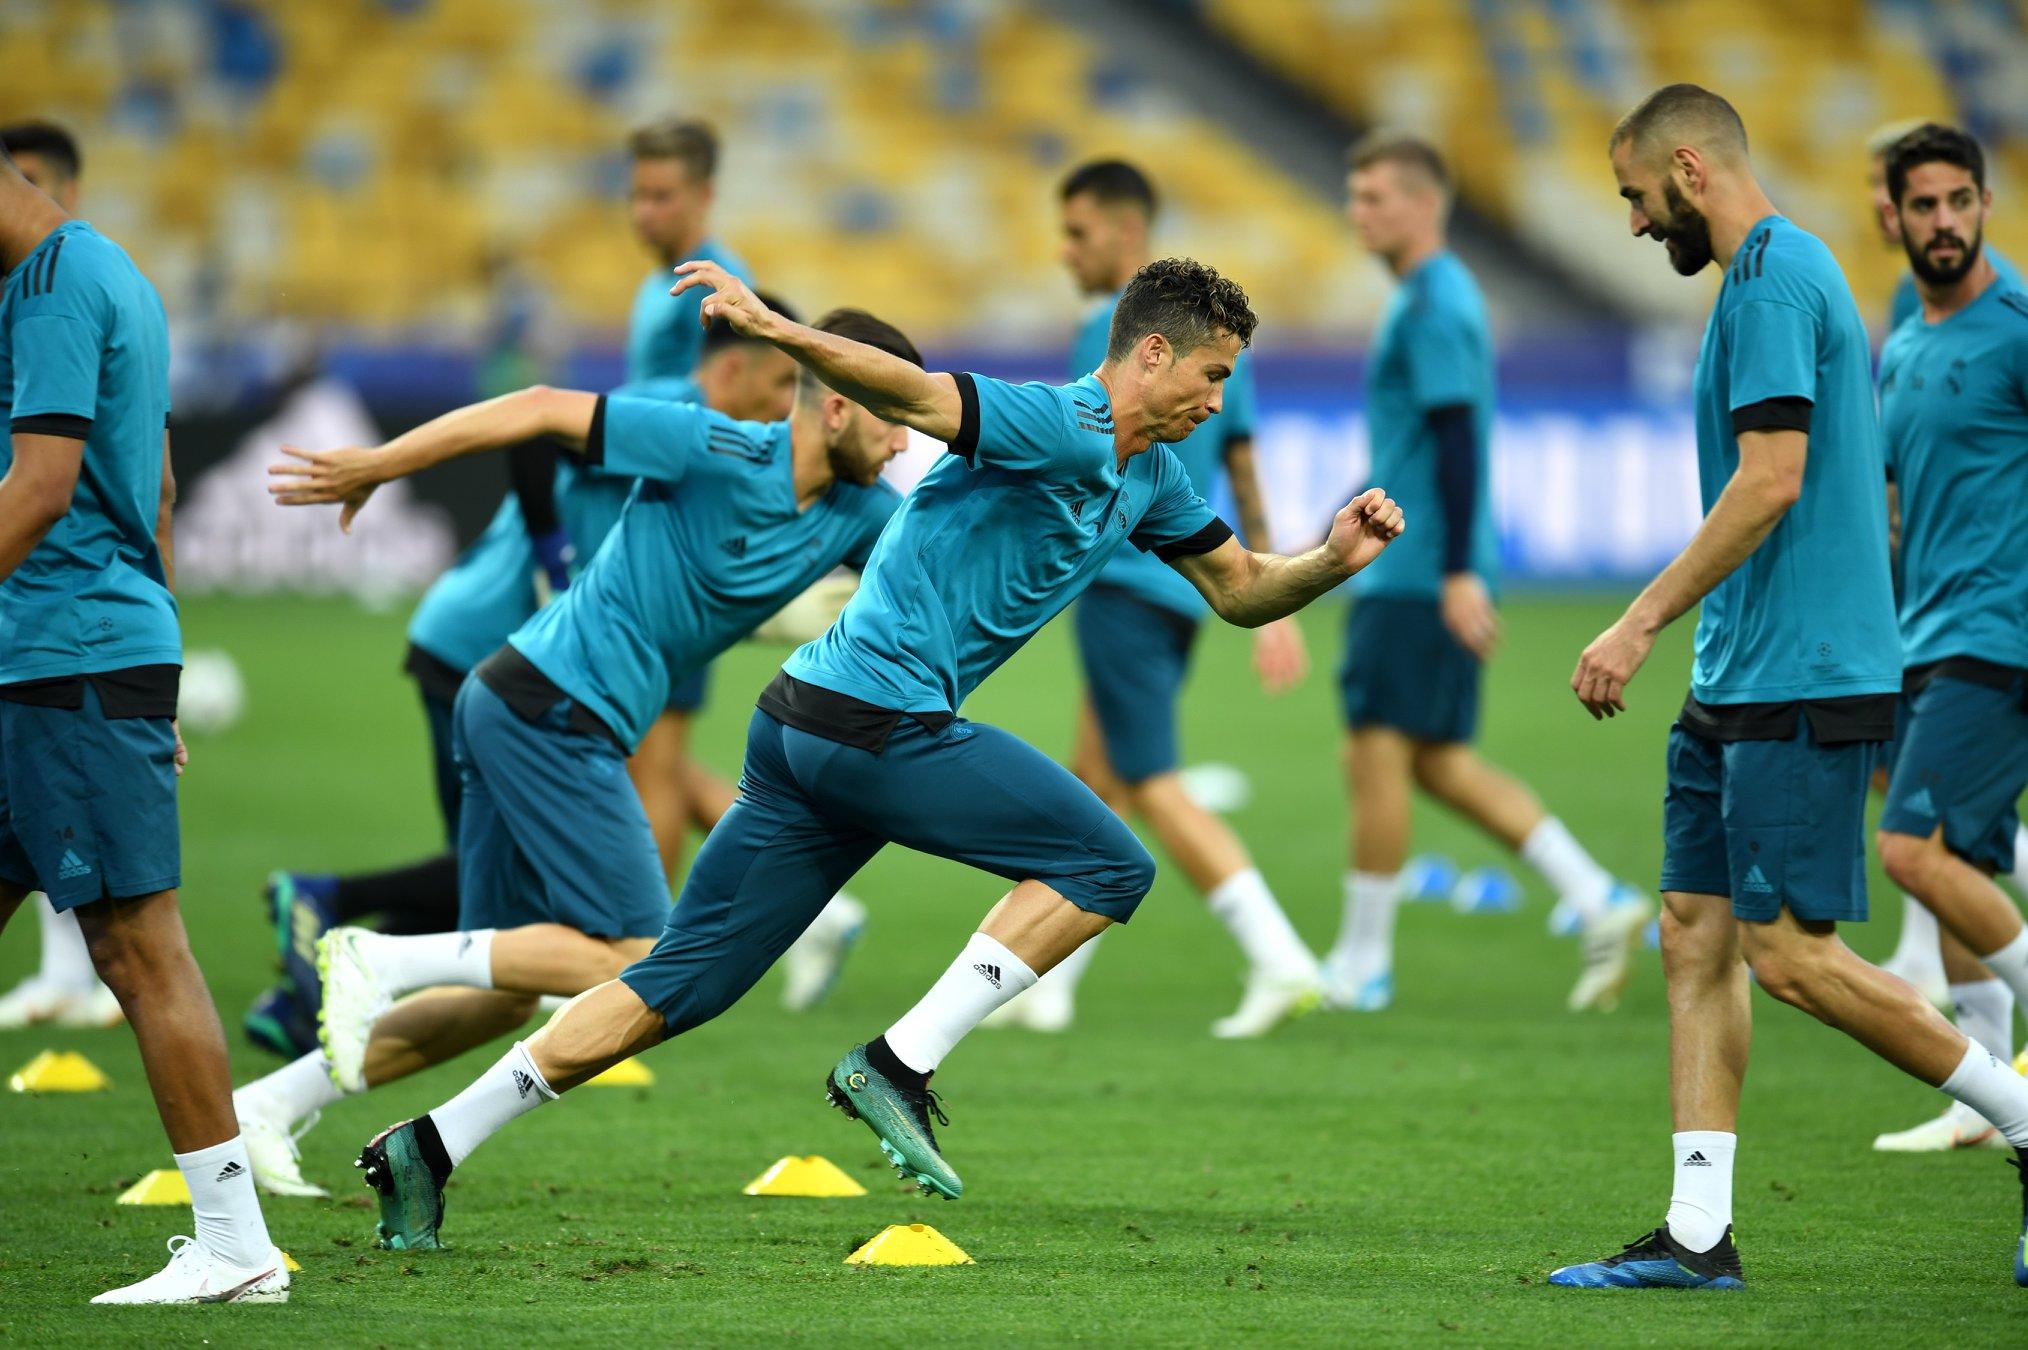 Entraînement, finale, real Madrid